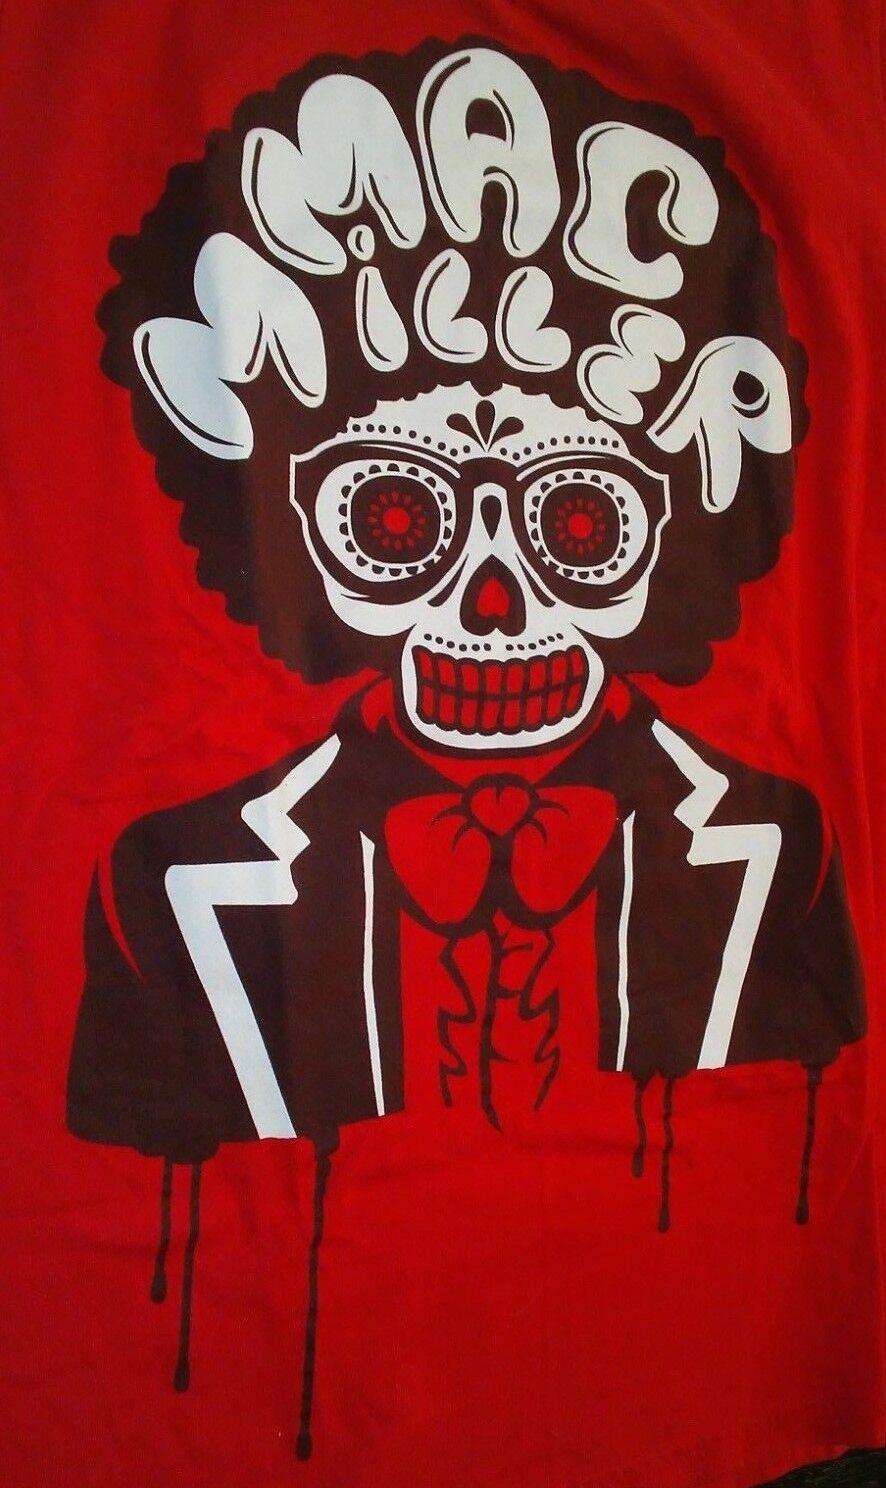 MAC MILLER MUSIC LEGEND 2012 UNDER THE INFLUENCE OF MUSIC CONCERT SHIRT SIZE S